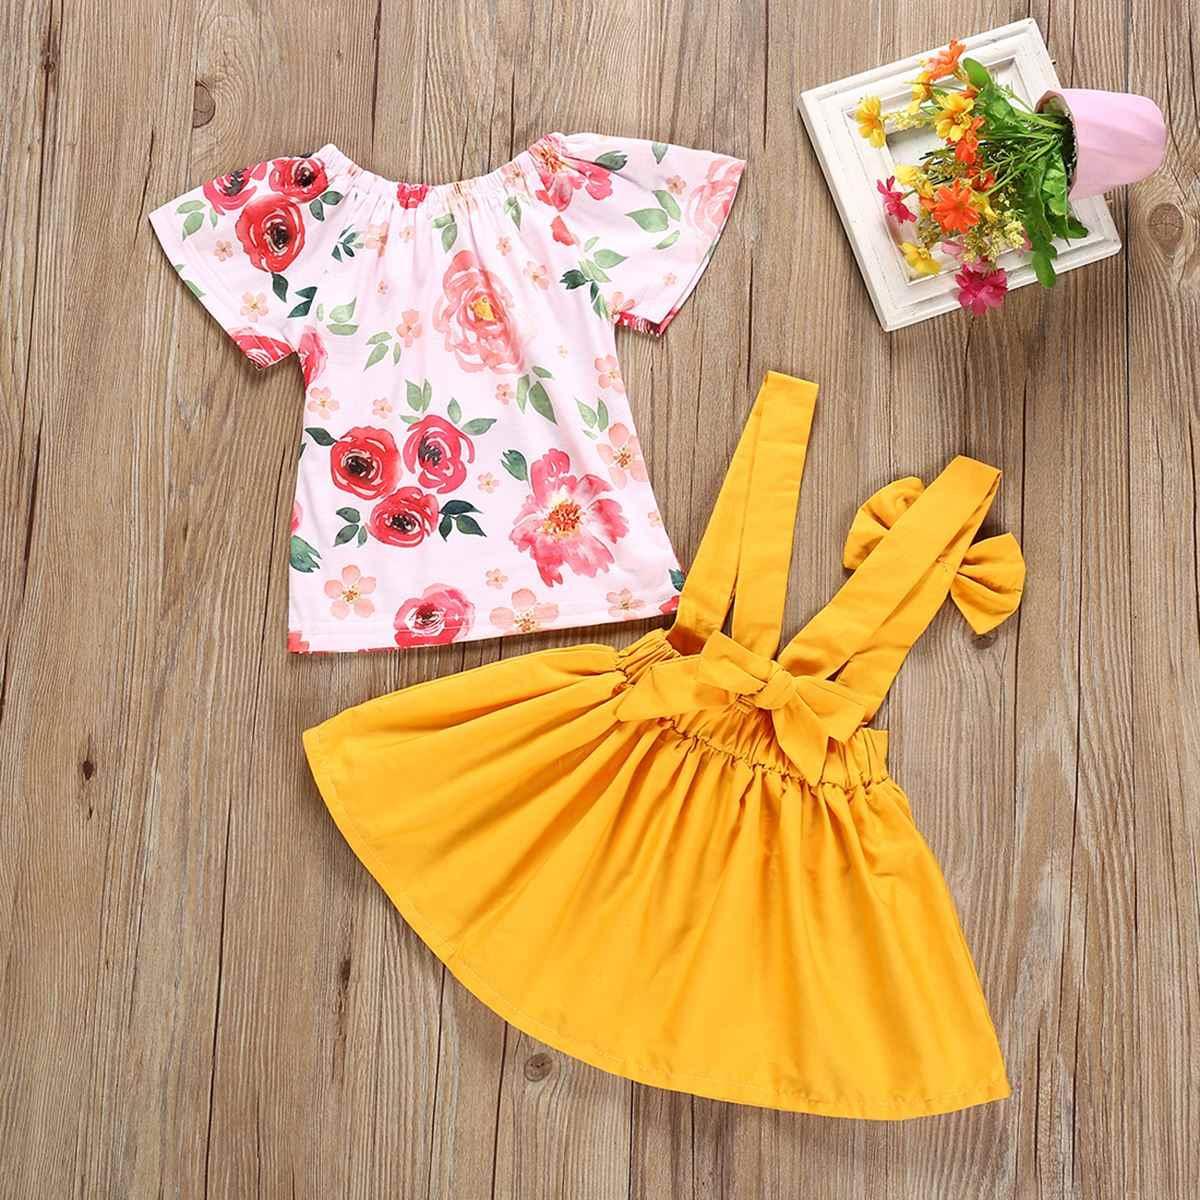 Для детей 0-24 месяца, новинка 2 шт./компл. очаровательные детские наряды для девочек, комплект одежды с цветочным рисунком, футболки + застежка-бабочка юбка, детская одежда, одежда для девочек